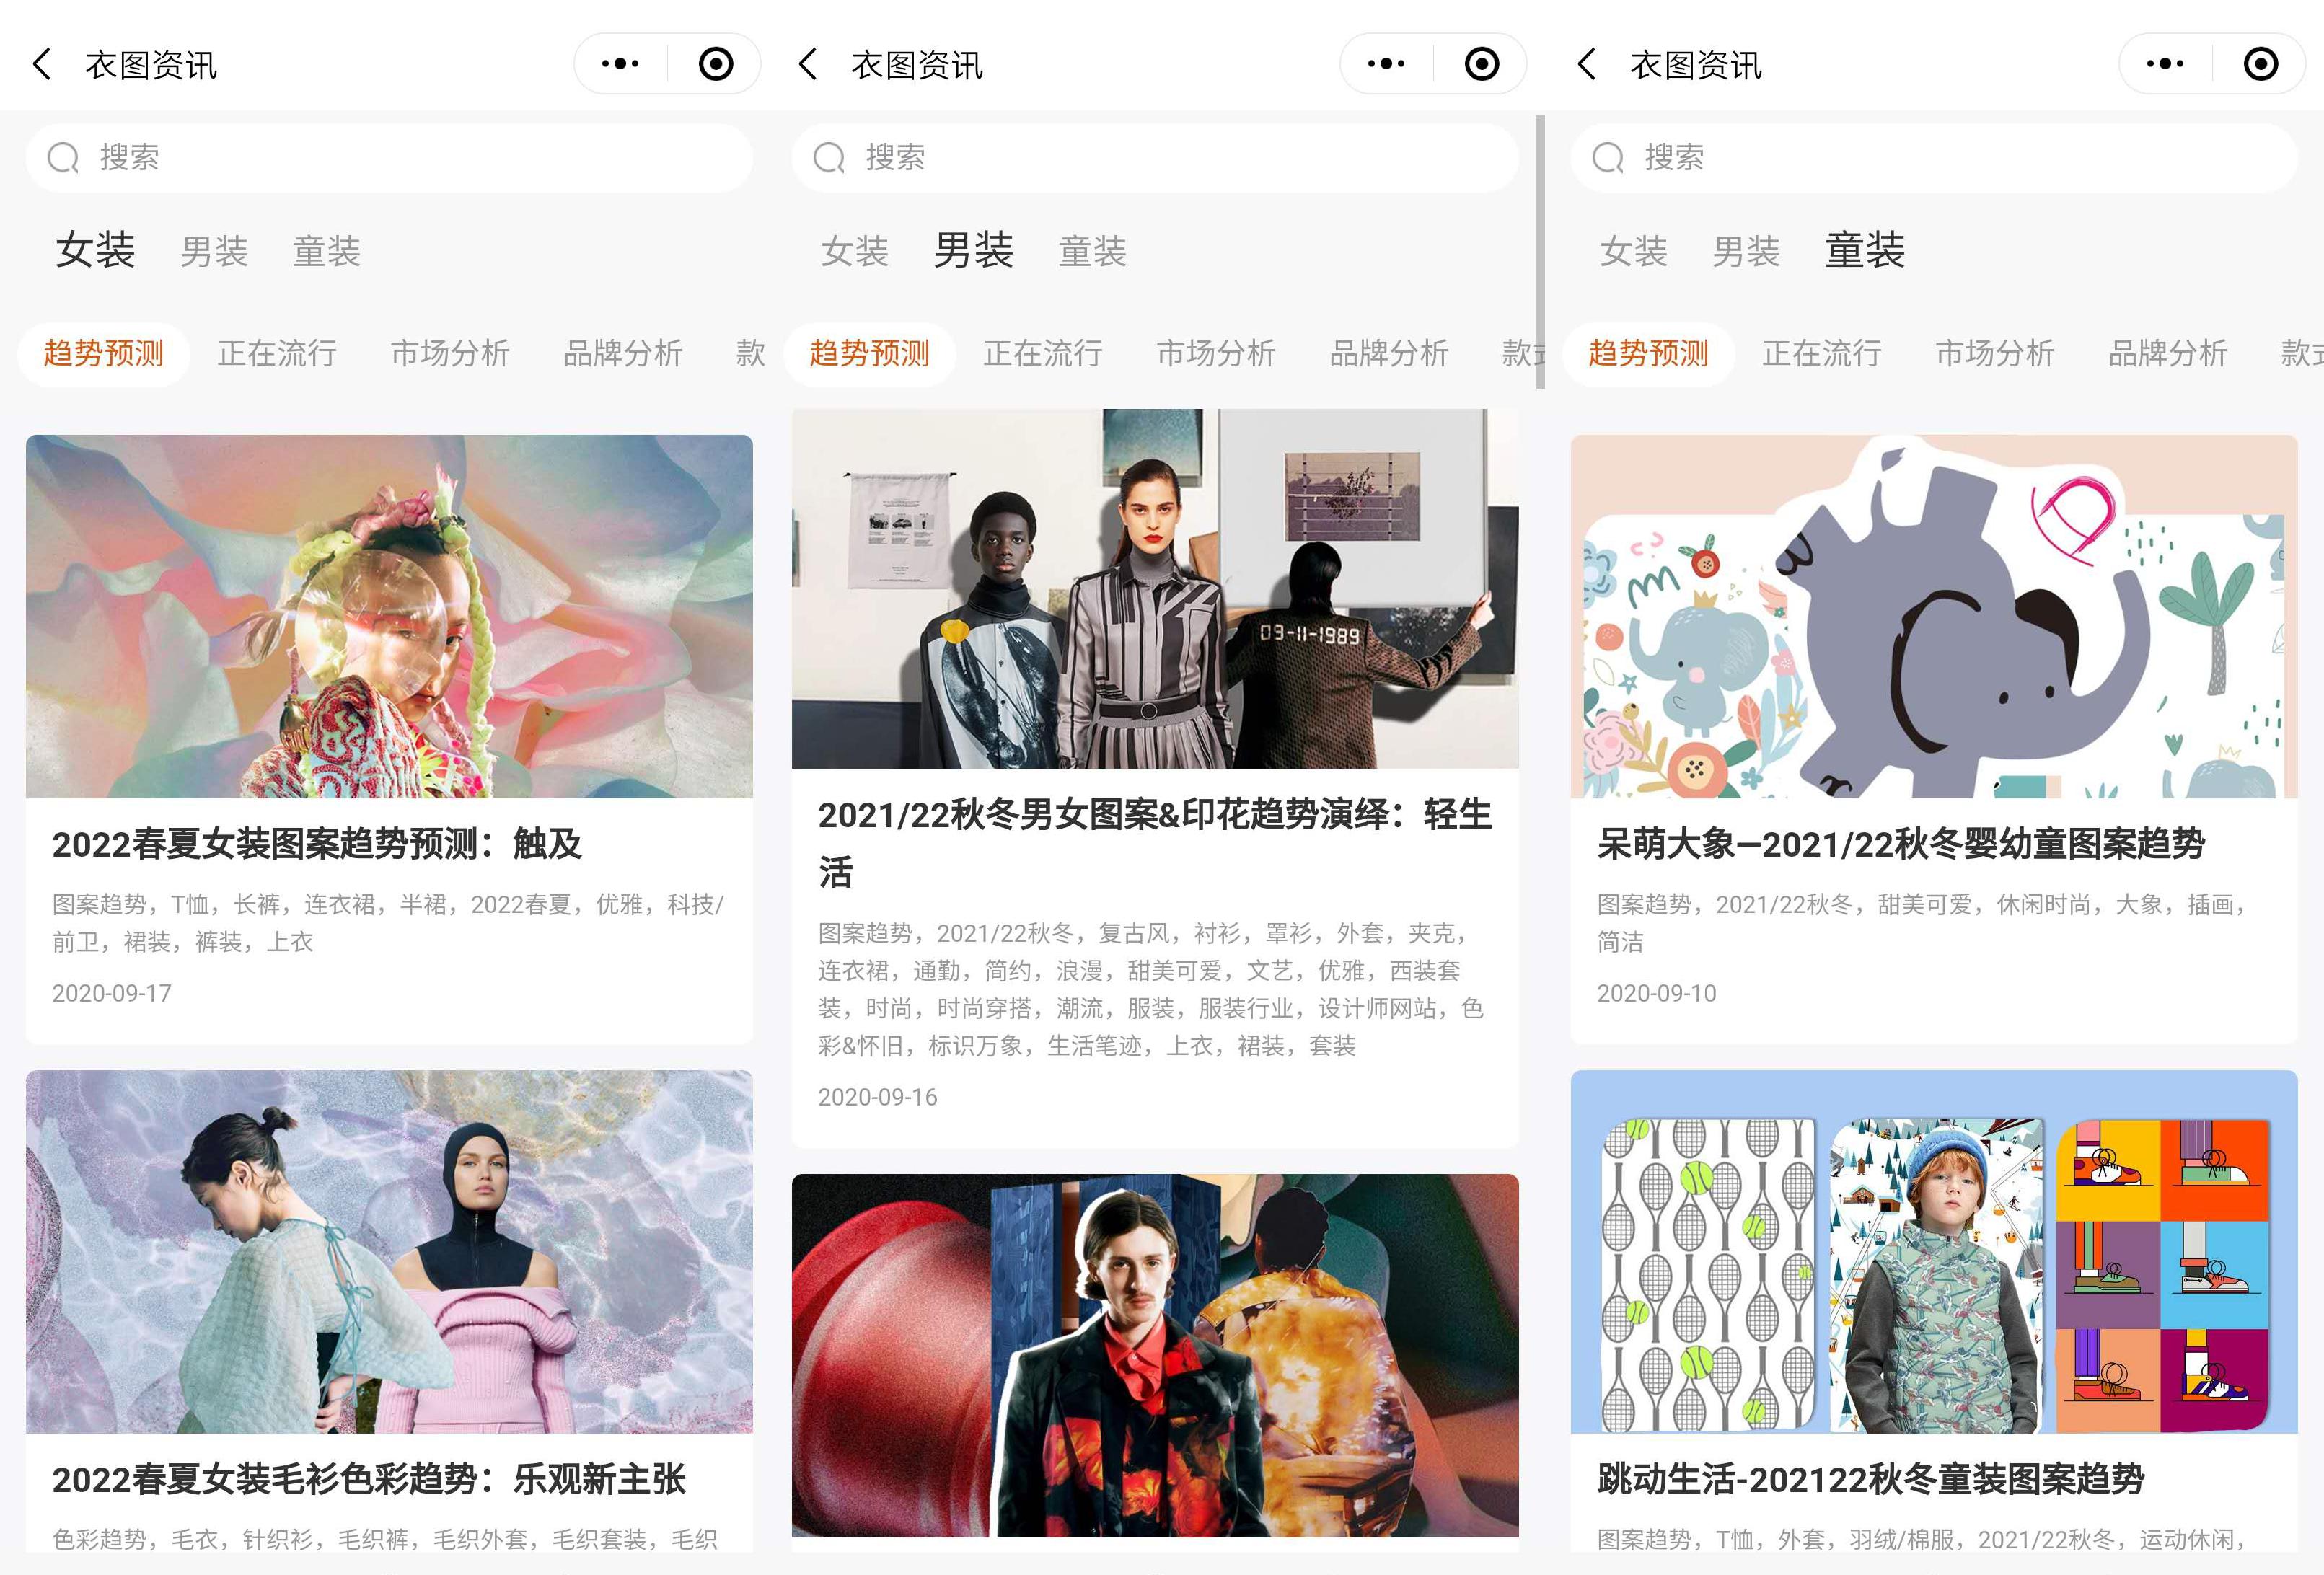 海尔衣联网与睿时尚衣图跨界组CP 衣图资讯带来更多时尚资讯